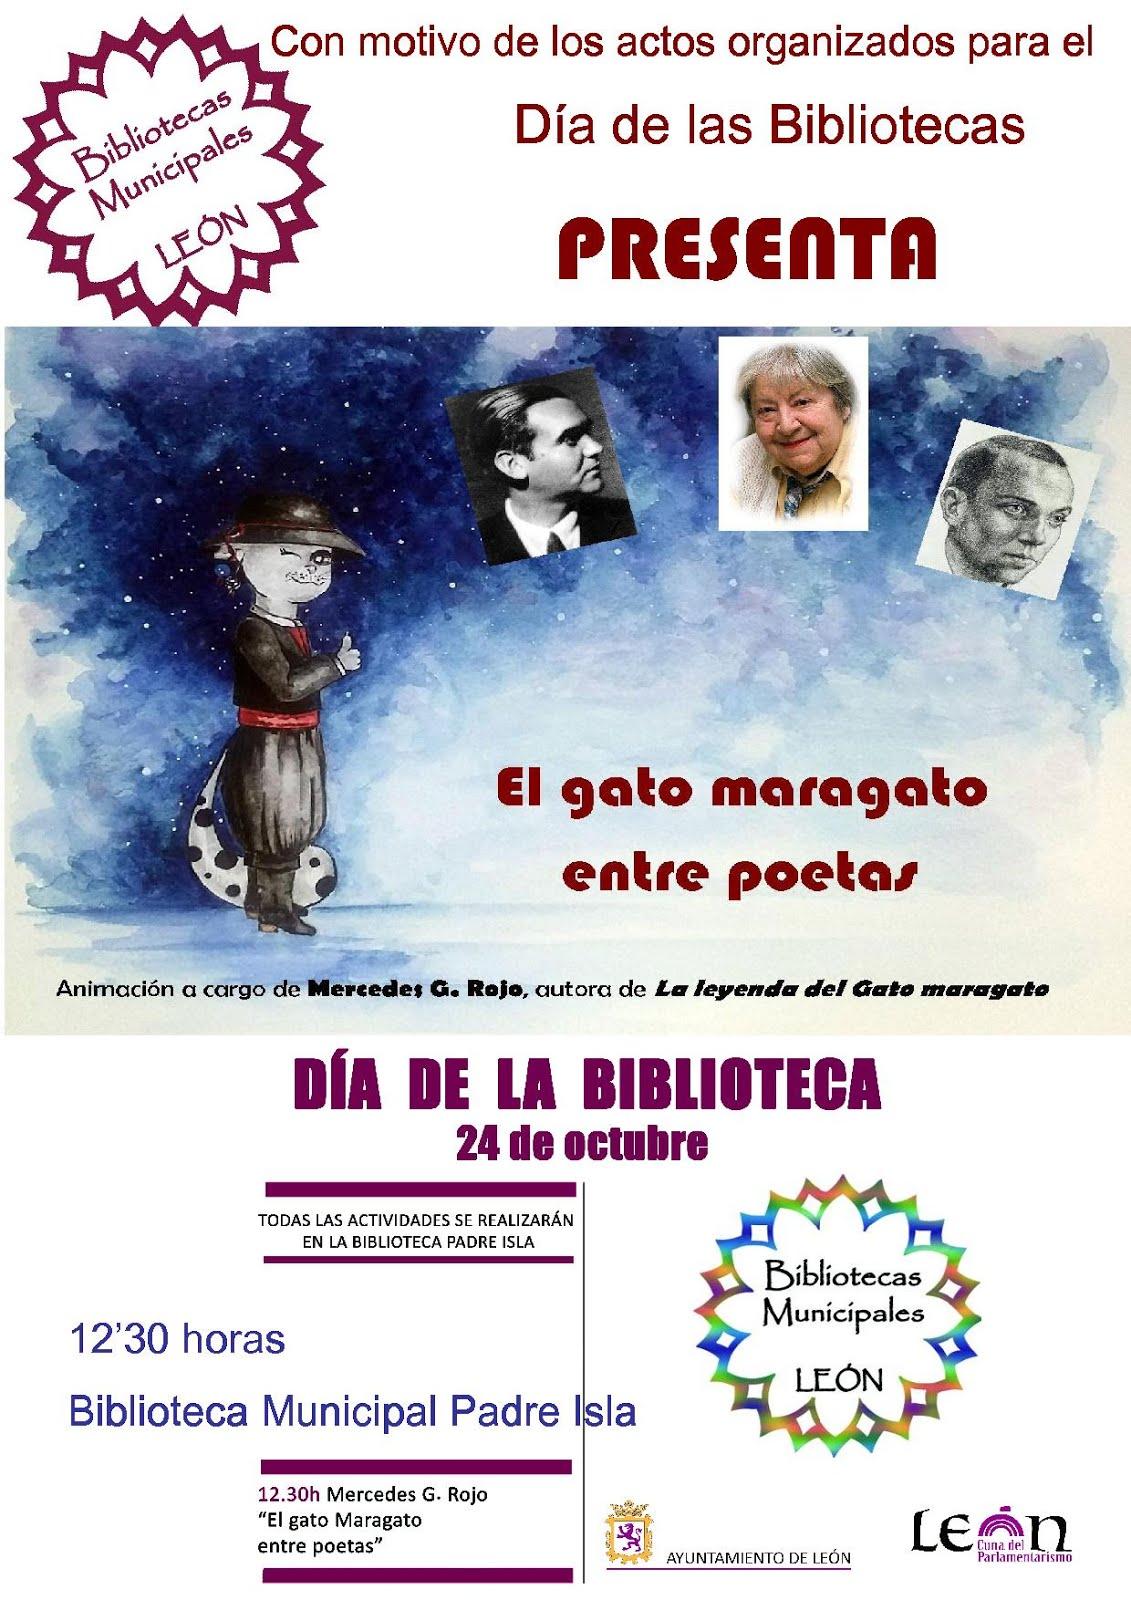 """""""El gato maragato entre poetas"""" para celebrar el Día de las Bibliotecas en León"""